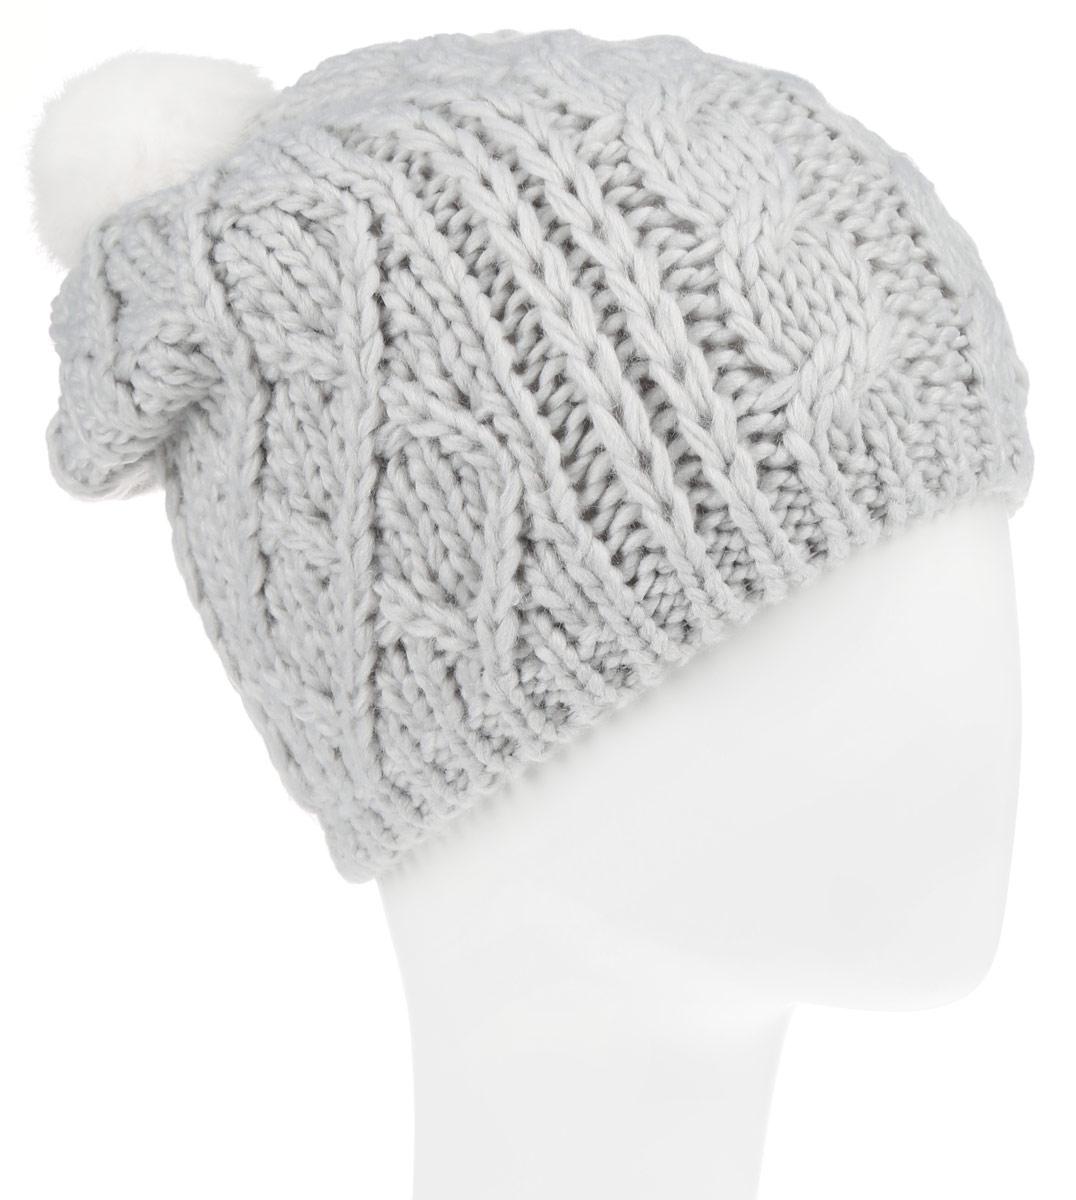 Шапка для девочки Sela, цвет: светло-серый. HAk-641/016-6303. Размер 52/54HAk-641/016-6303Вязаная шапка Sela для девочек станет идеальным дополнением к вашему образу в холодную погоду. Изделие приятное на ощупь, максимально сохраняет тепло. Благодаря эластичной вязке, модель идеально прилегает к голове.Оформлено изделие крупным вязаным узором и дополнено не большим меховым пушистым помпоном. Край шапки связан резинкой. Внутри - флисовая подкладка.Такой стильный и теплый аксессуар подчеркнет вашу индивидуальность. Шапка надежно защитит от холода и создаст ощущение комфорта.